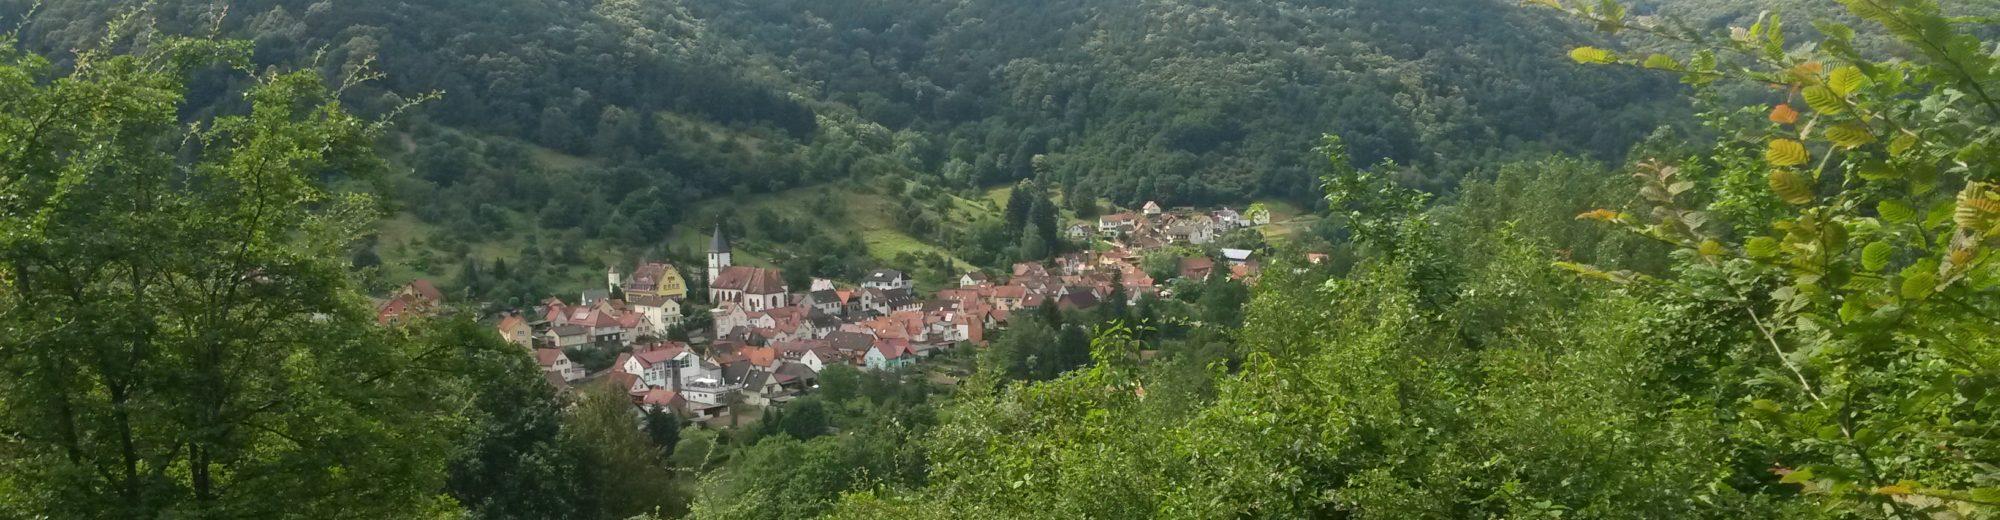 Herzlich Willkommen in Dernbach